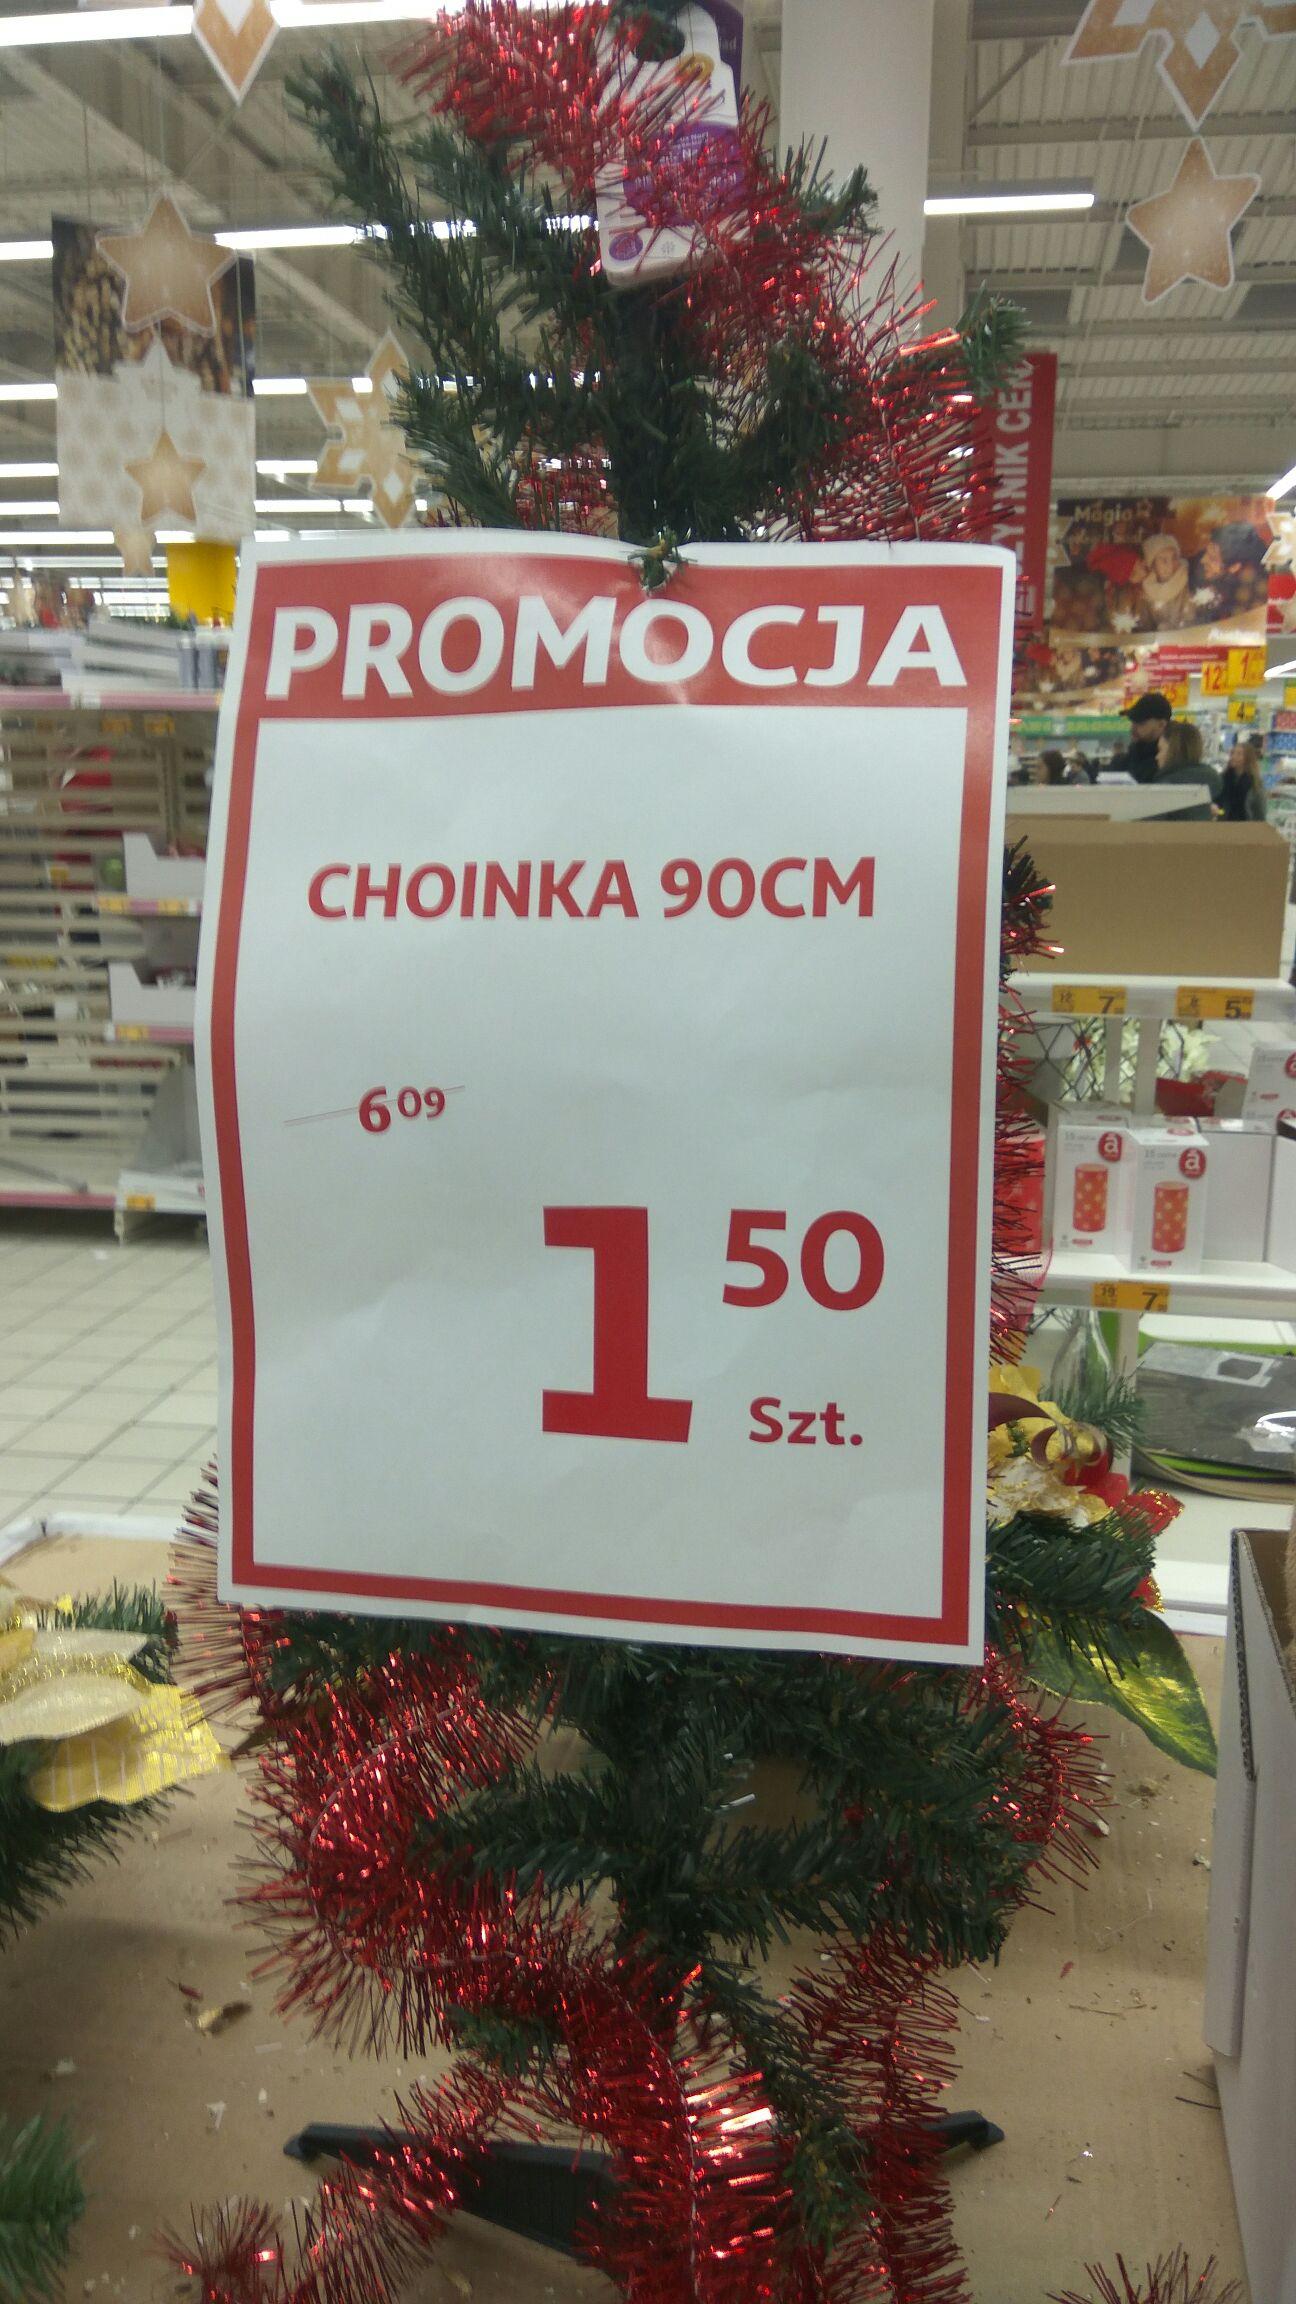 Sztuczna choinka 90cm Auchan